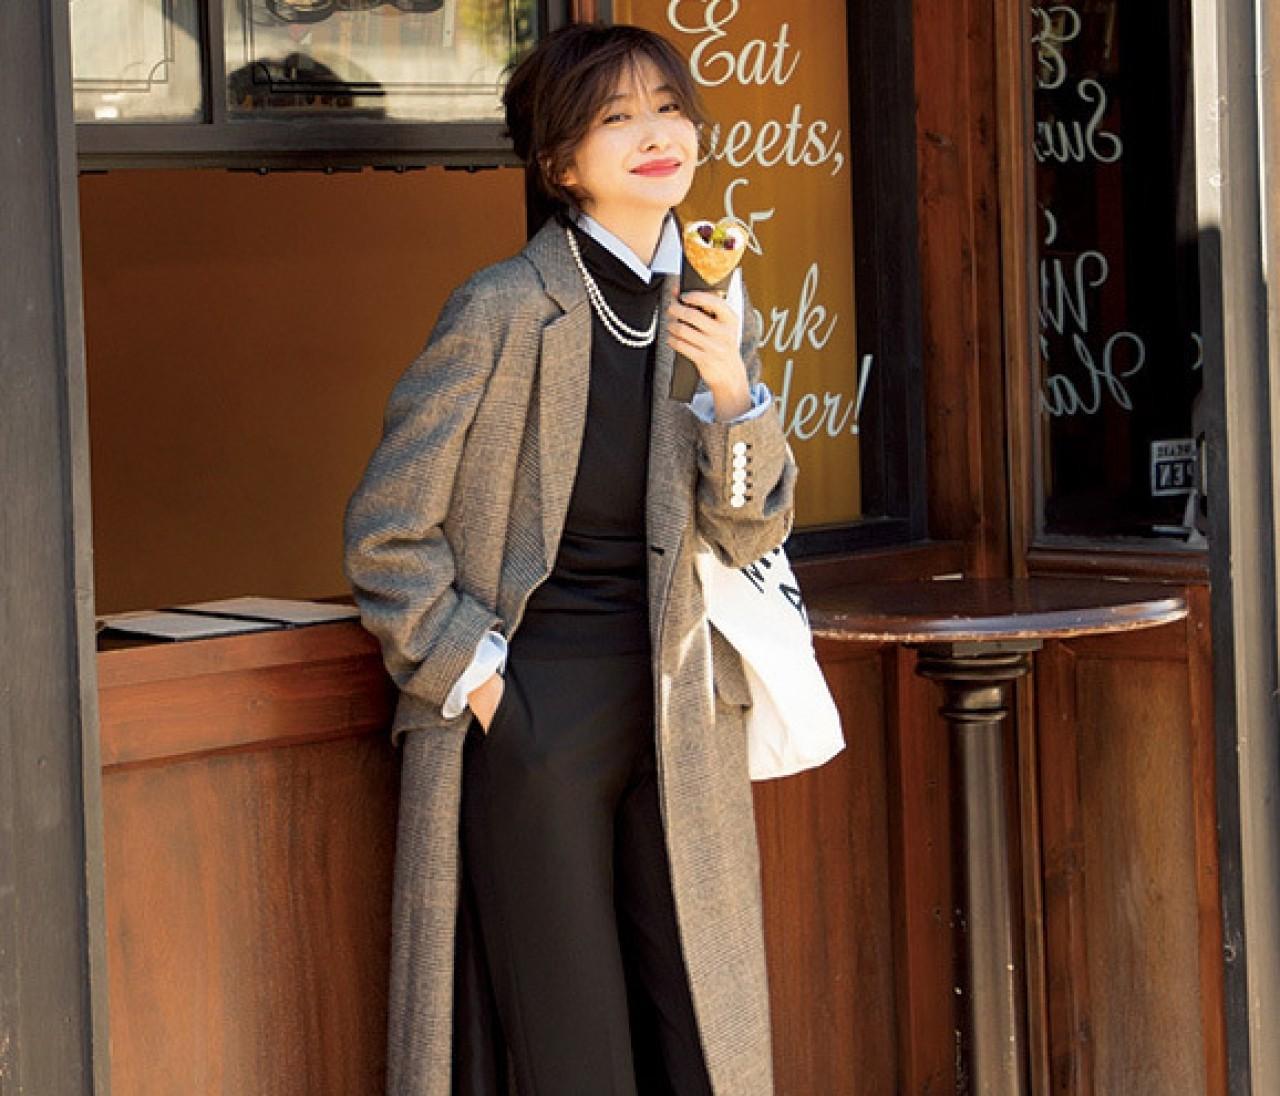 冬の休日は、黒からブルーをのぞかせたフレンチシックな装いで!